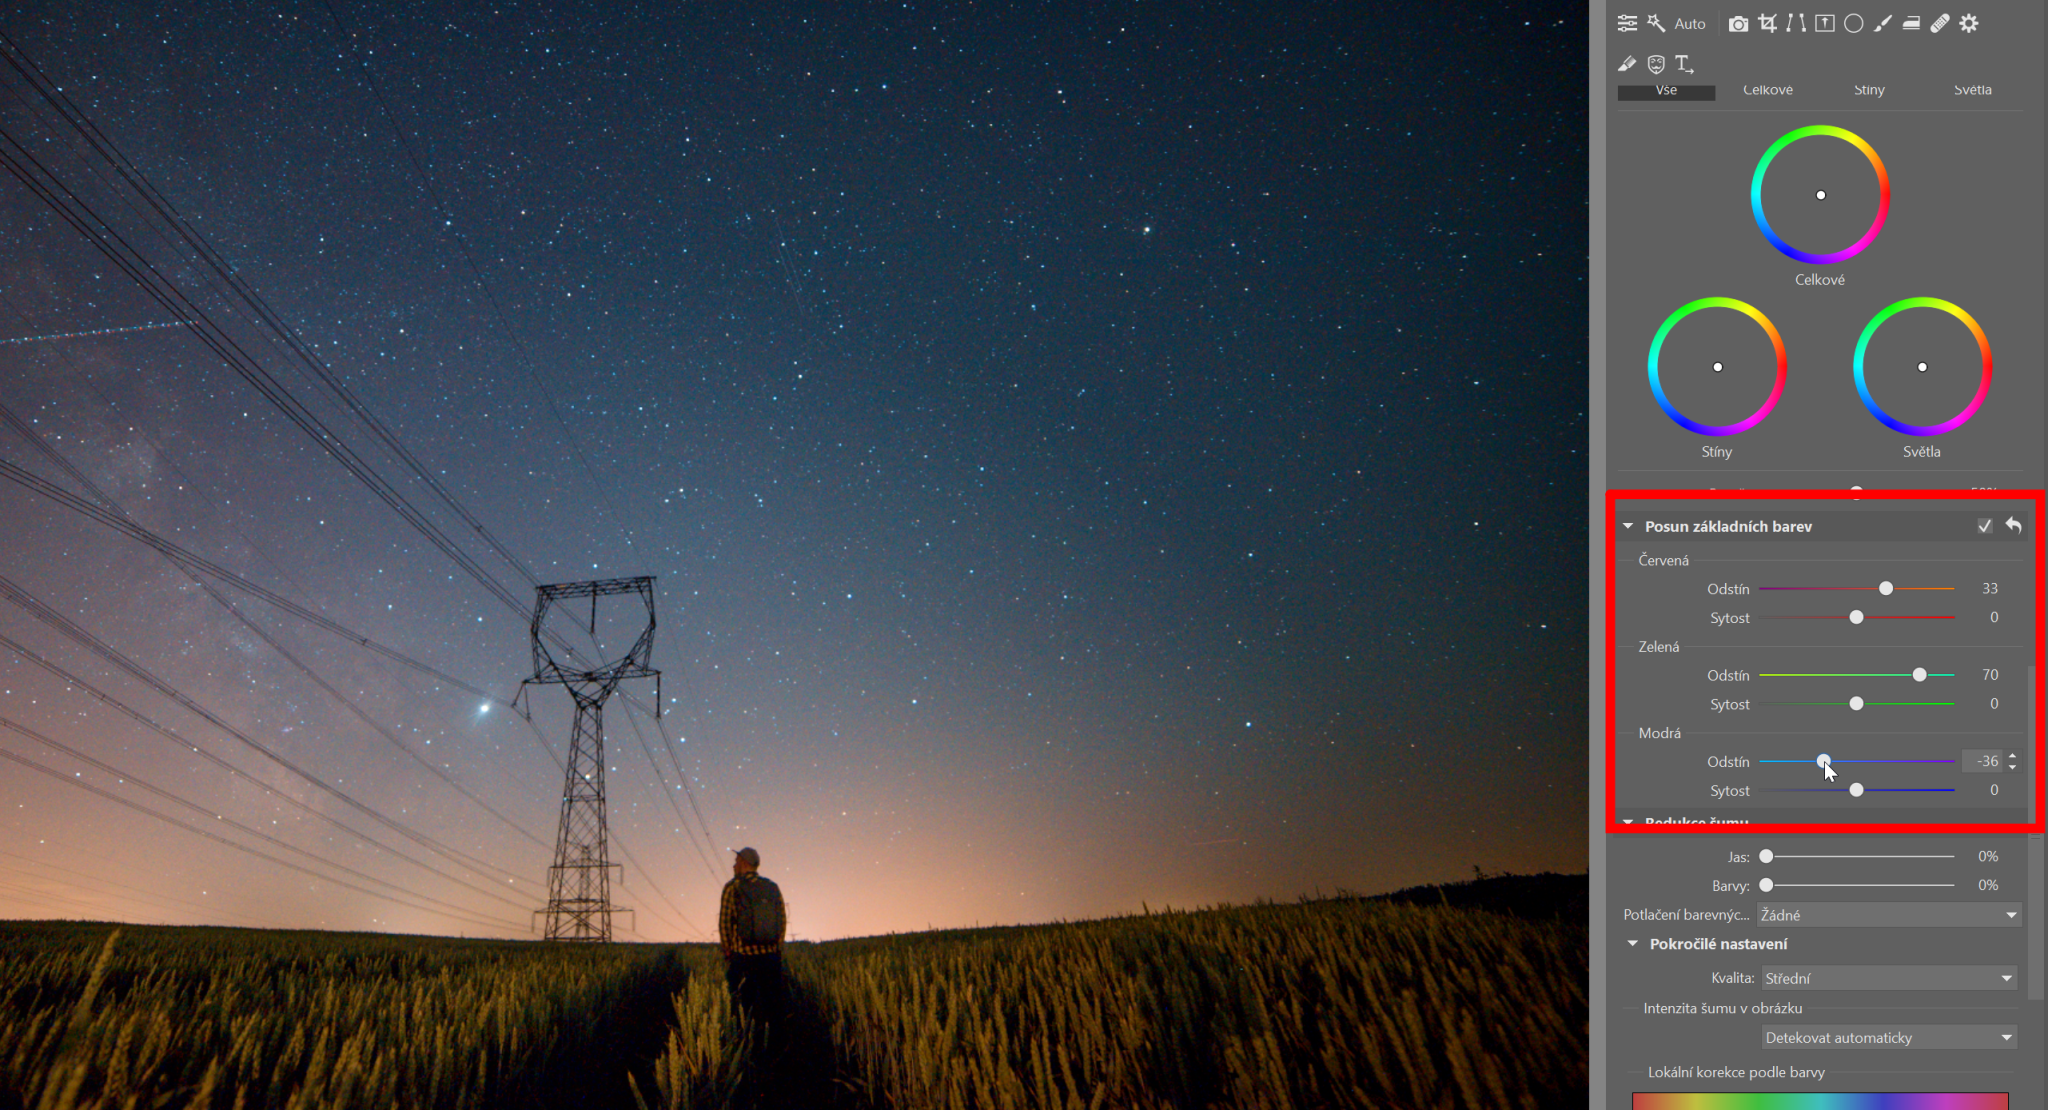 Fotky noční oblohy: barvy